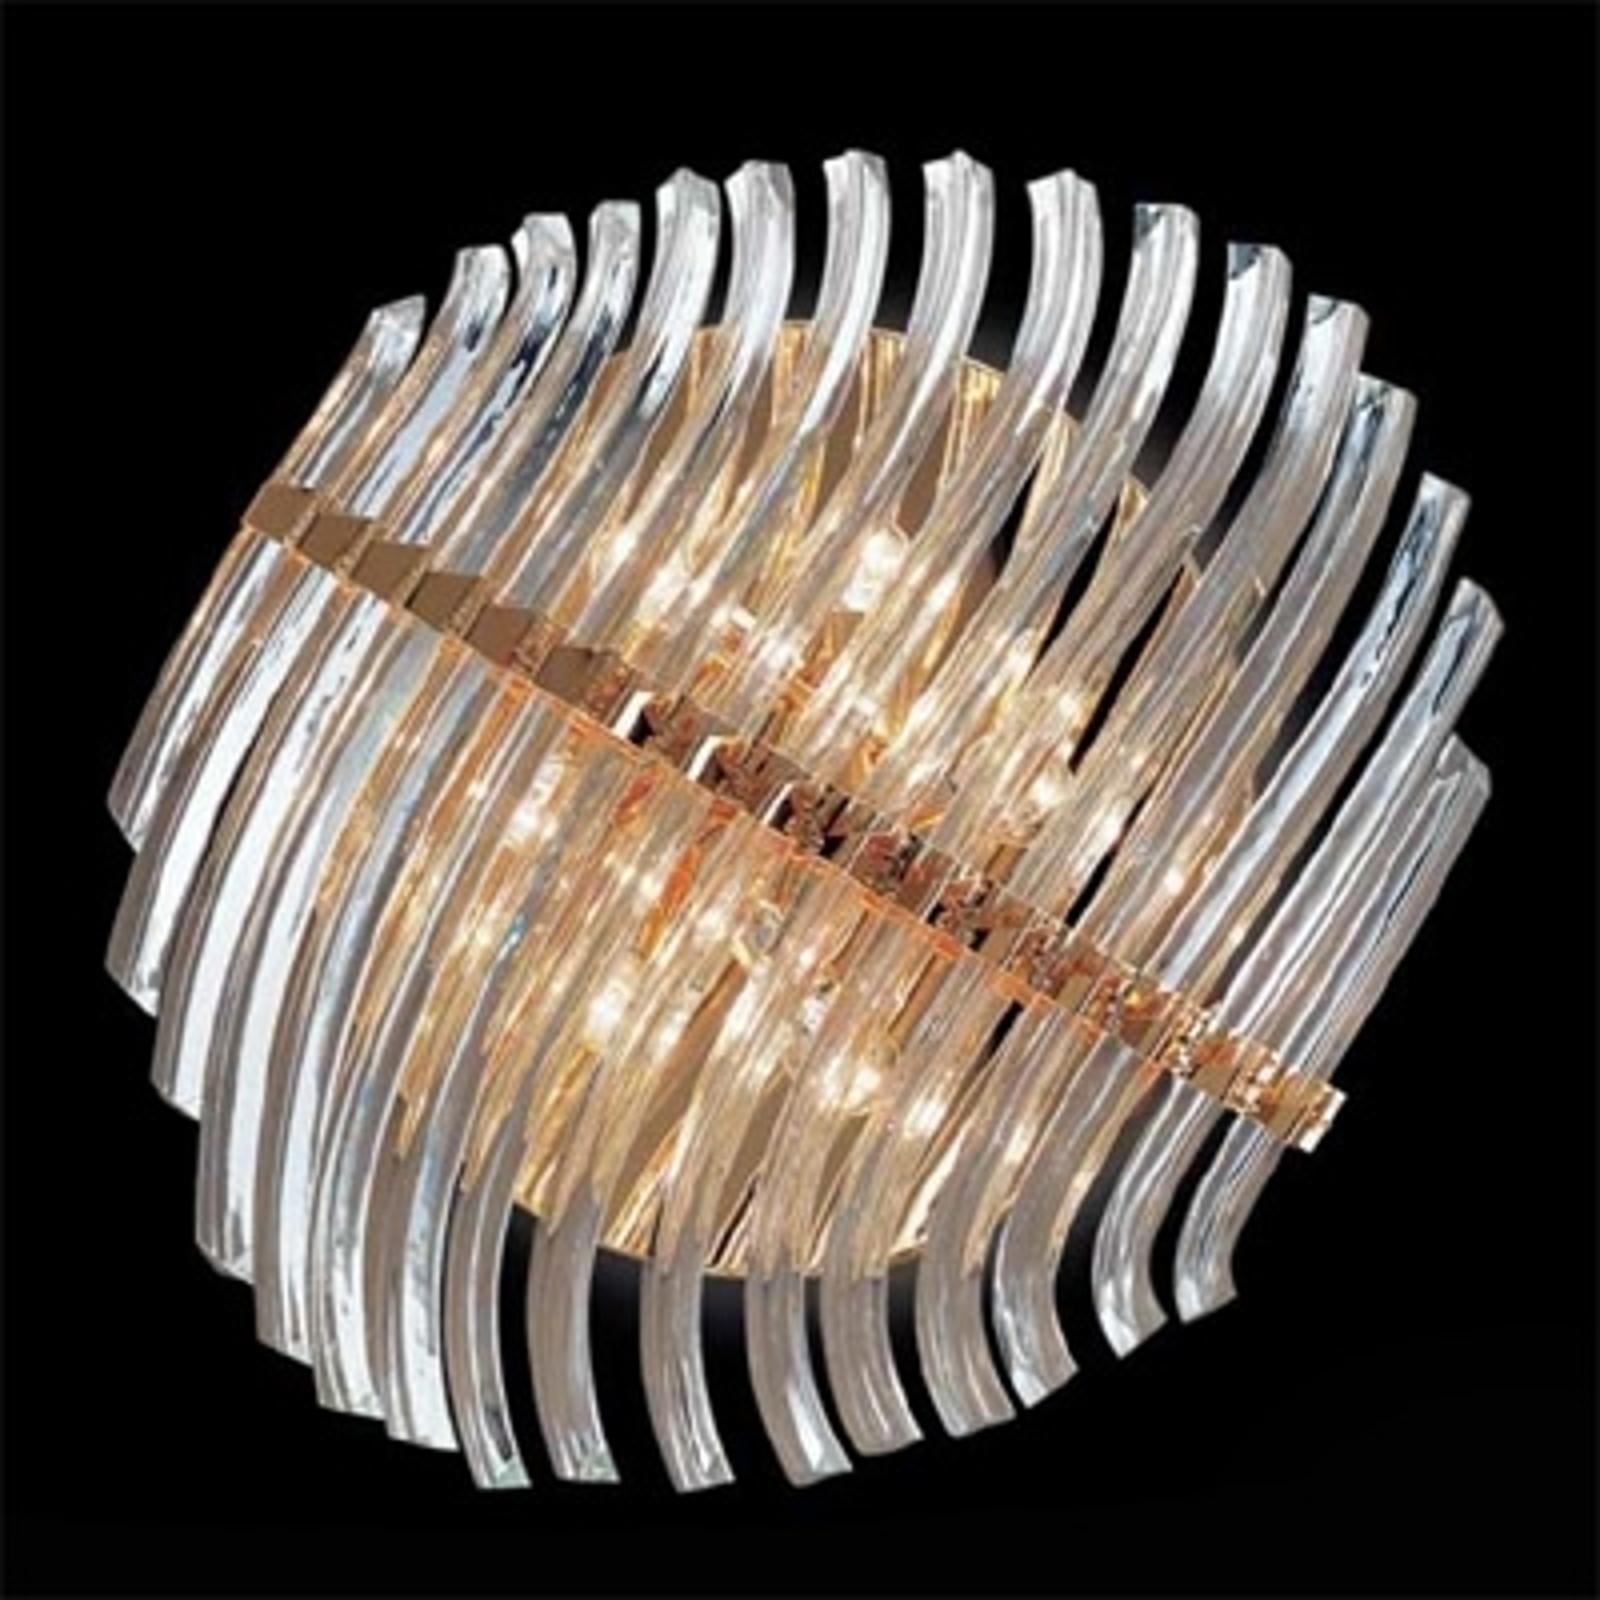 RONDO lampa sufitowa o eleganckim wyglądzie